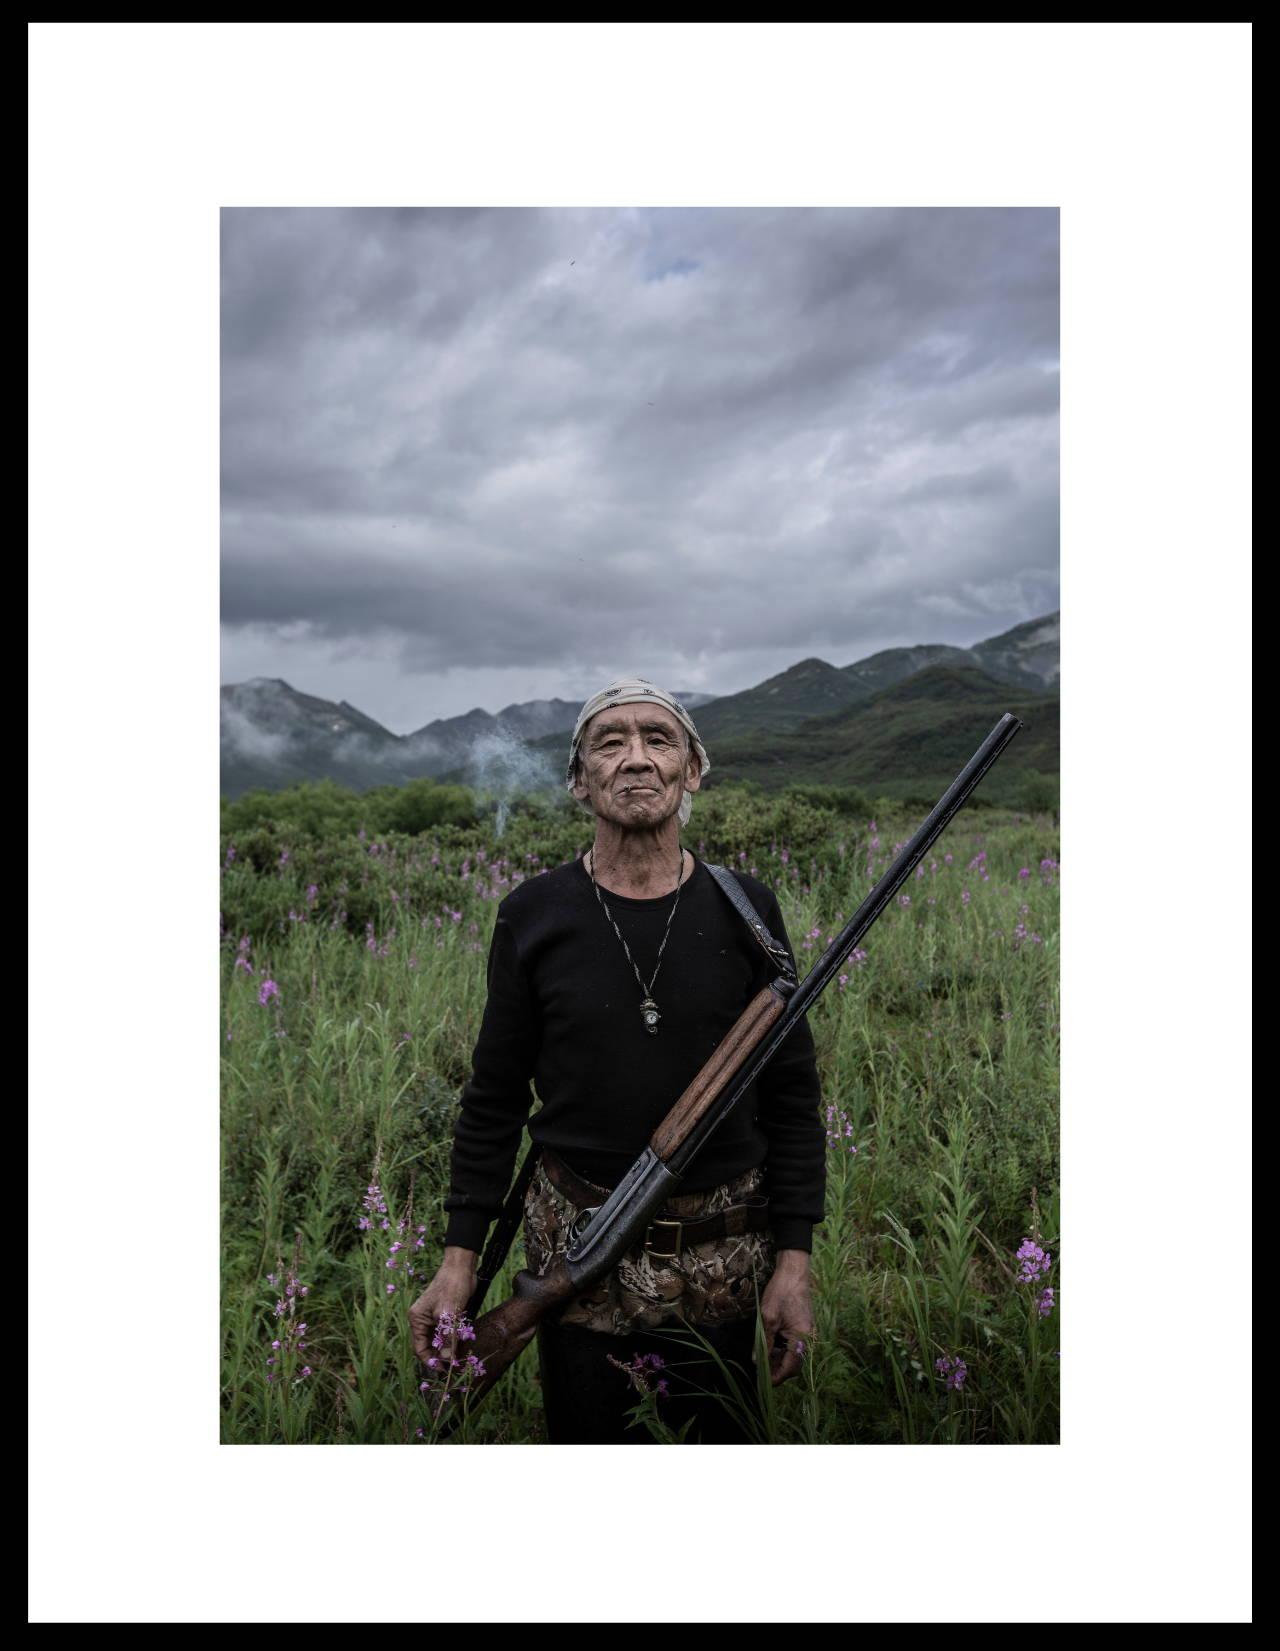 Une photo de Julien Mavier au Kamchatka